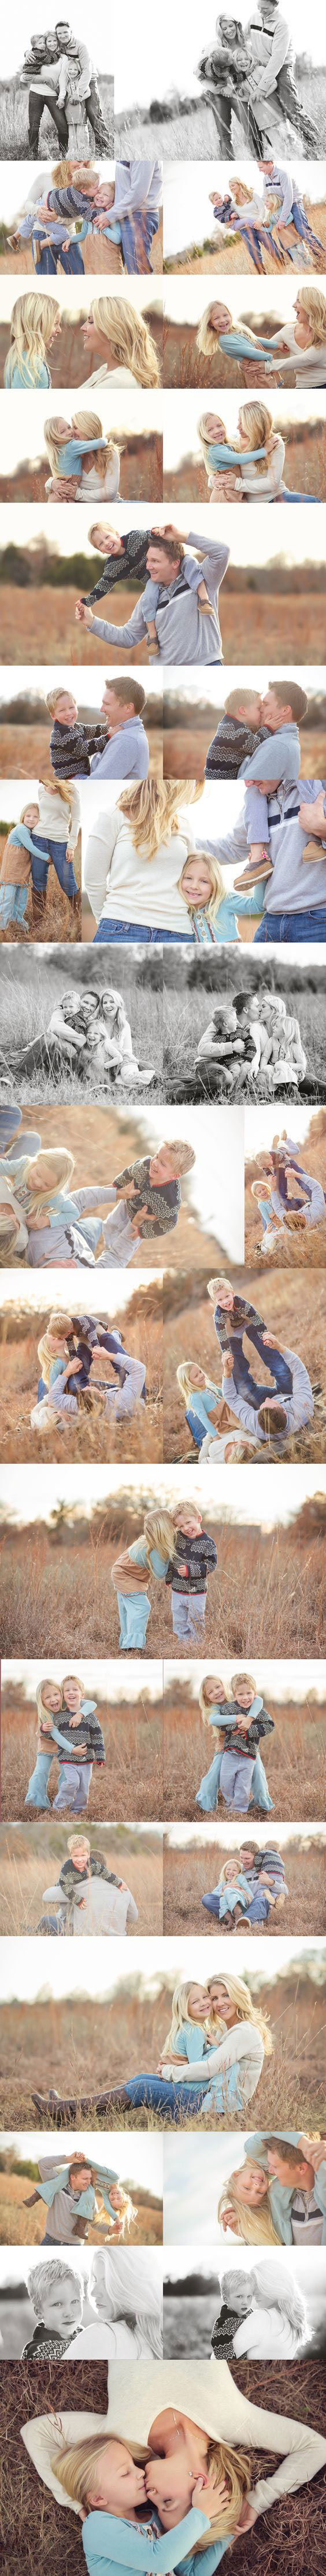 осенняя фотосессия всей семьей